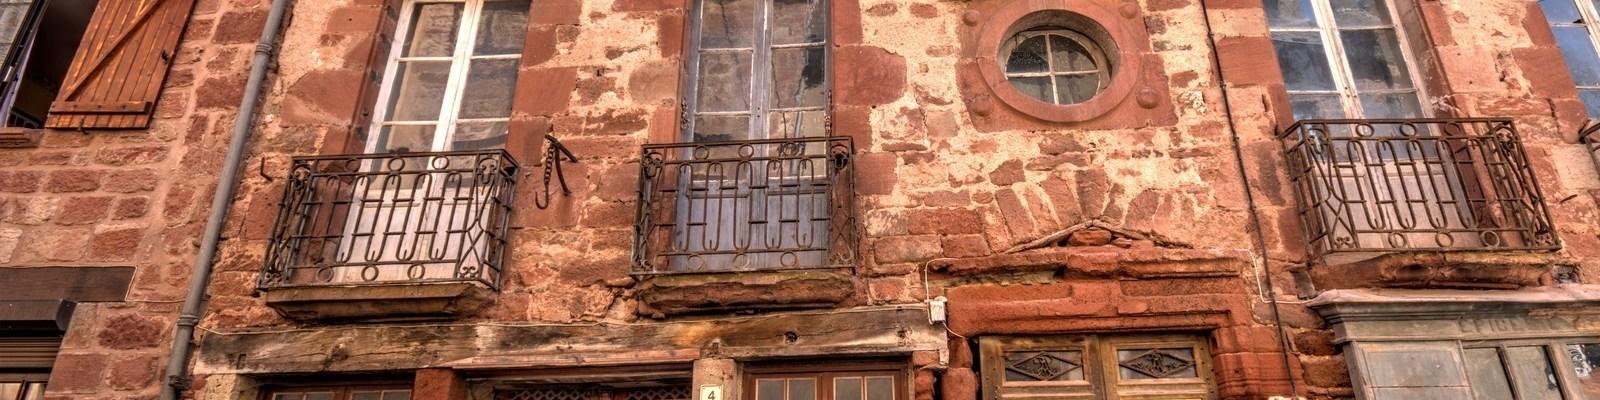 Villecomtal - Maison ancienne rue droite